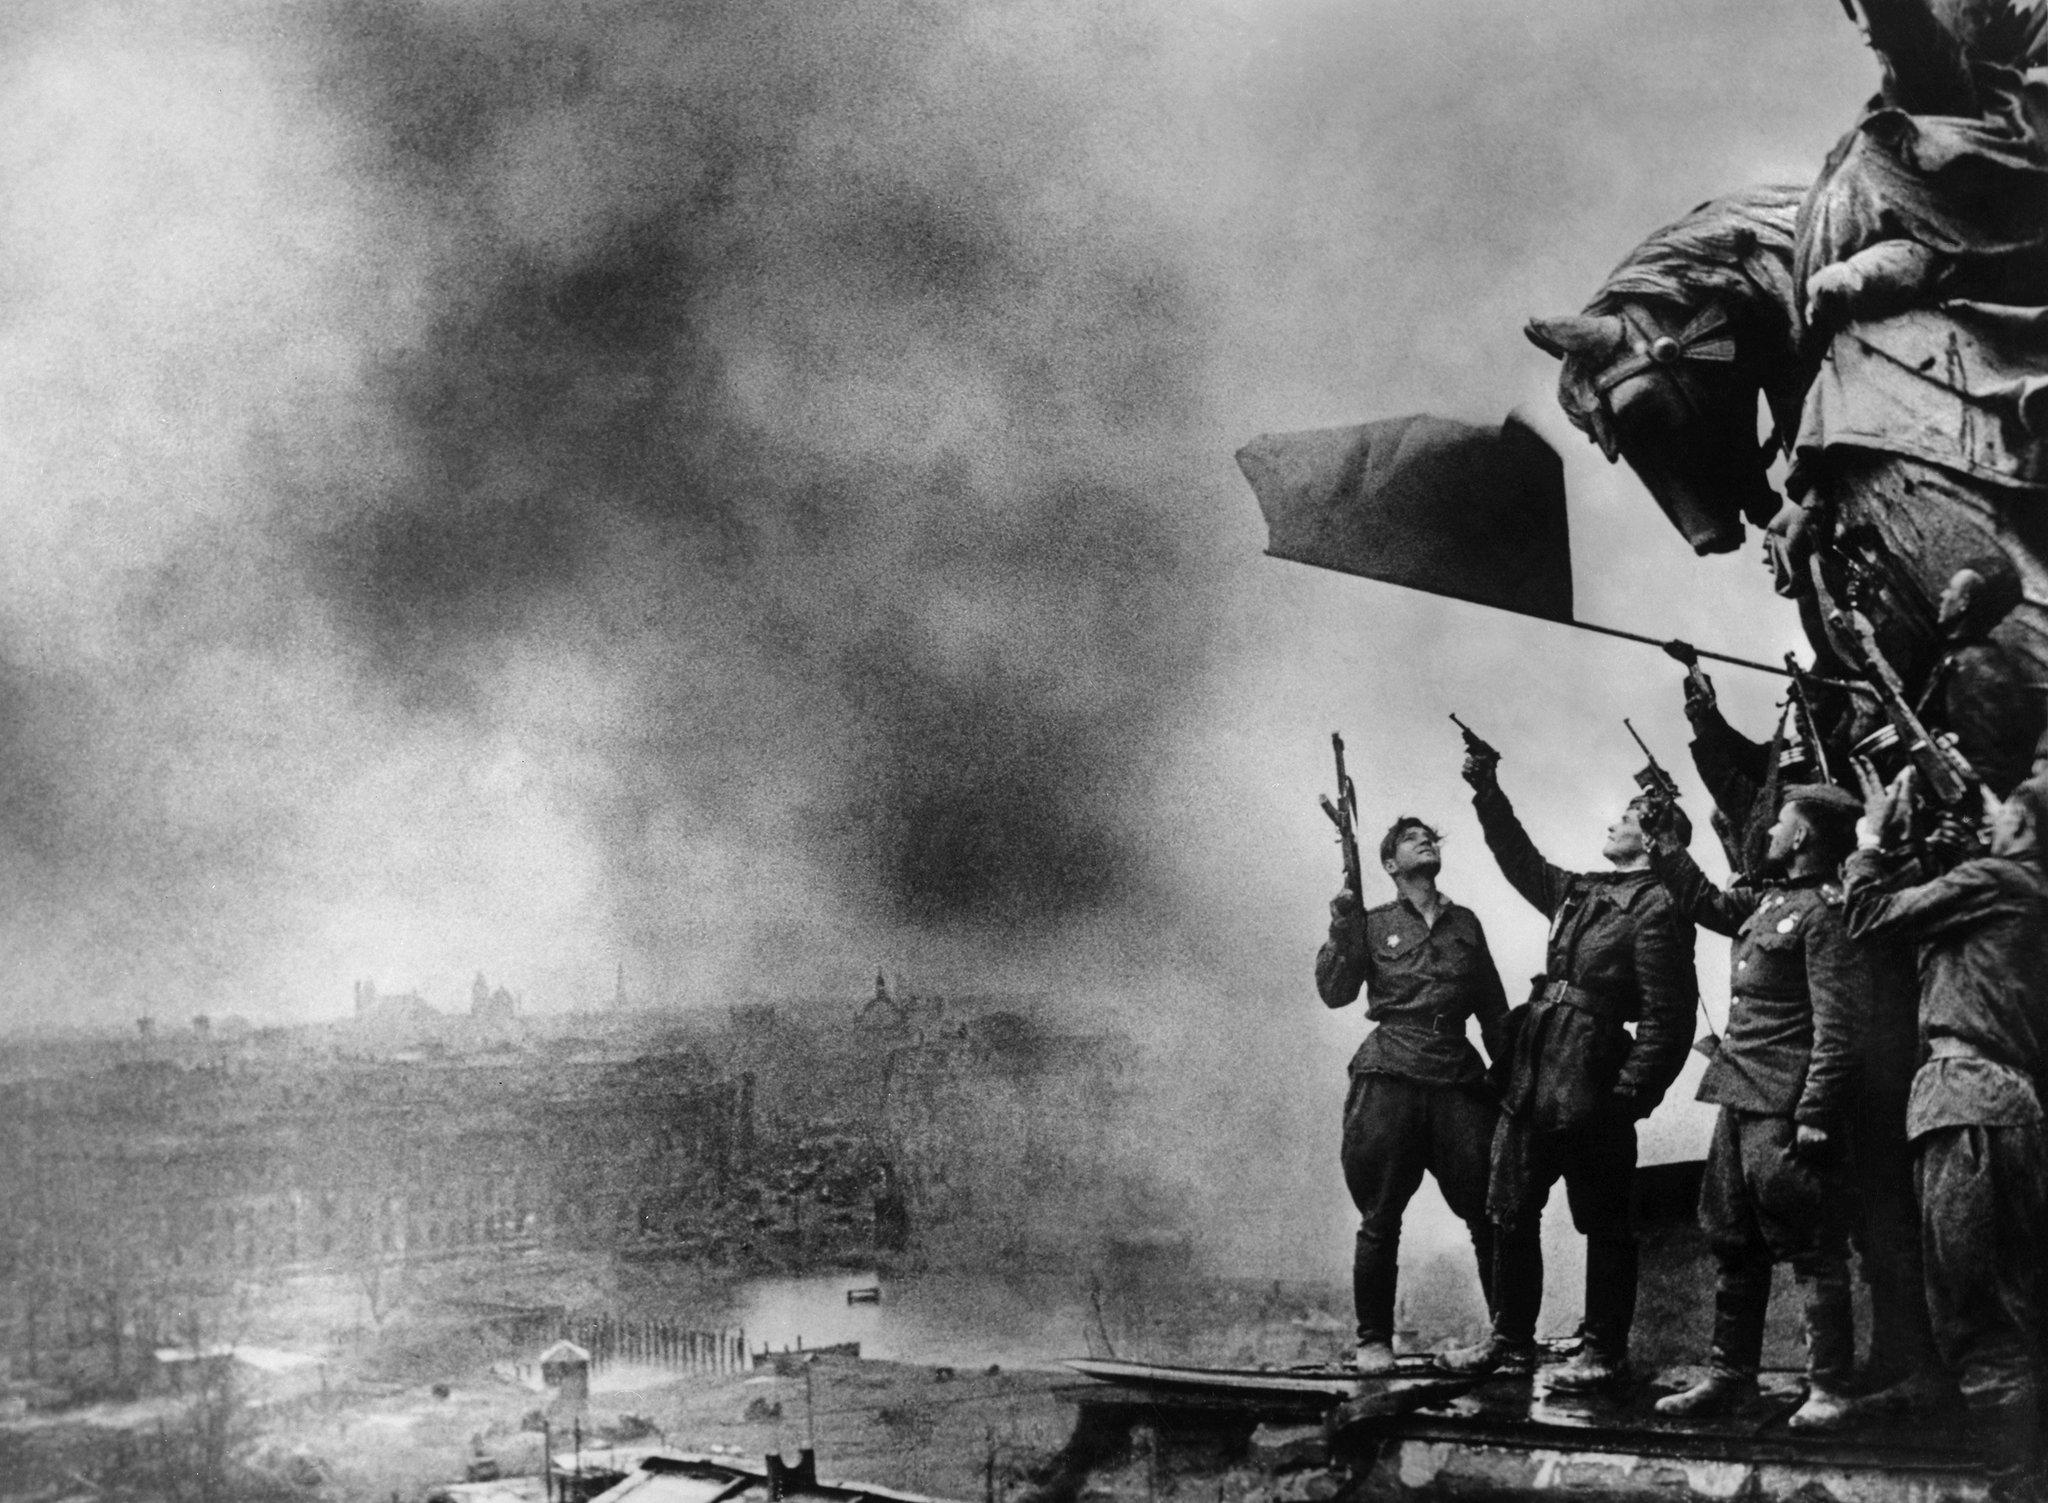 Доченьке добрым, картинки к 9 мая война